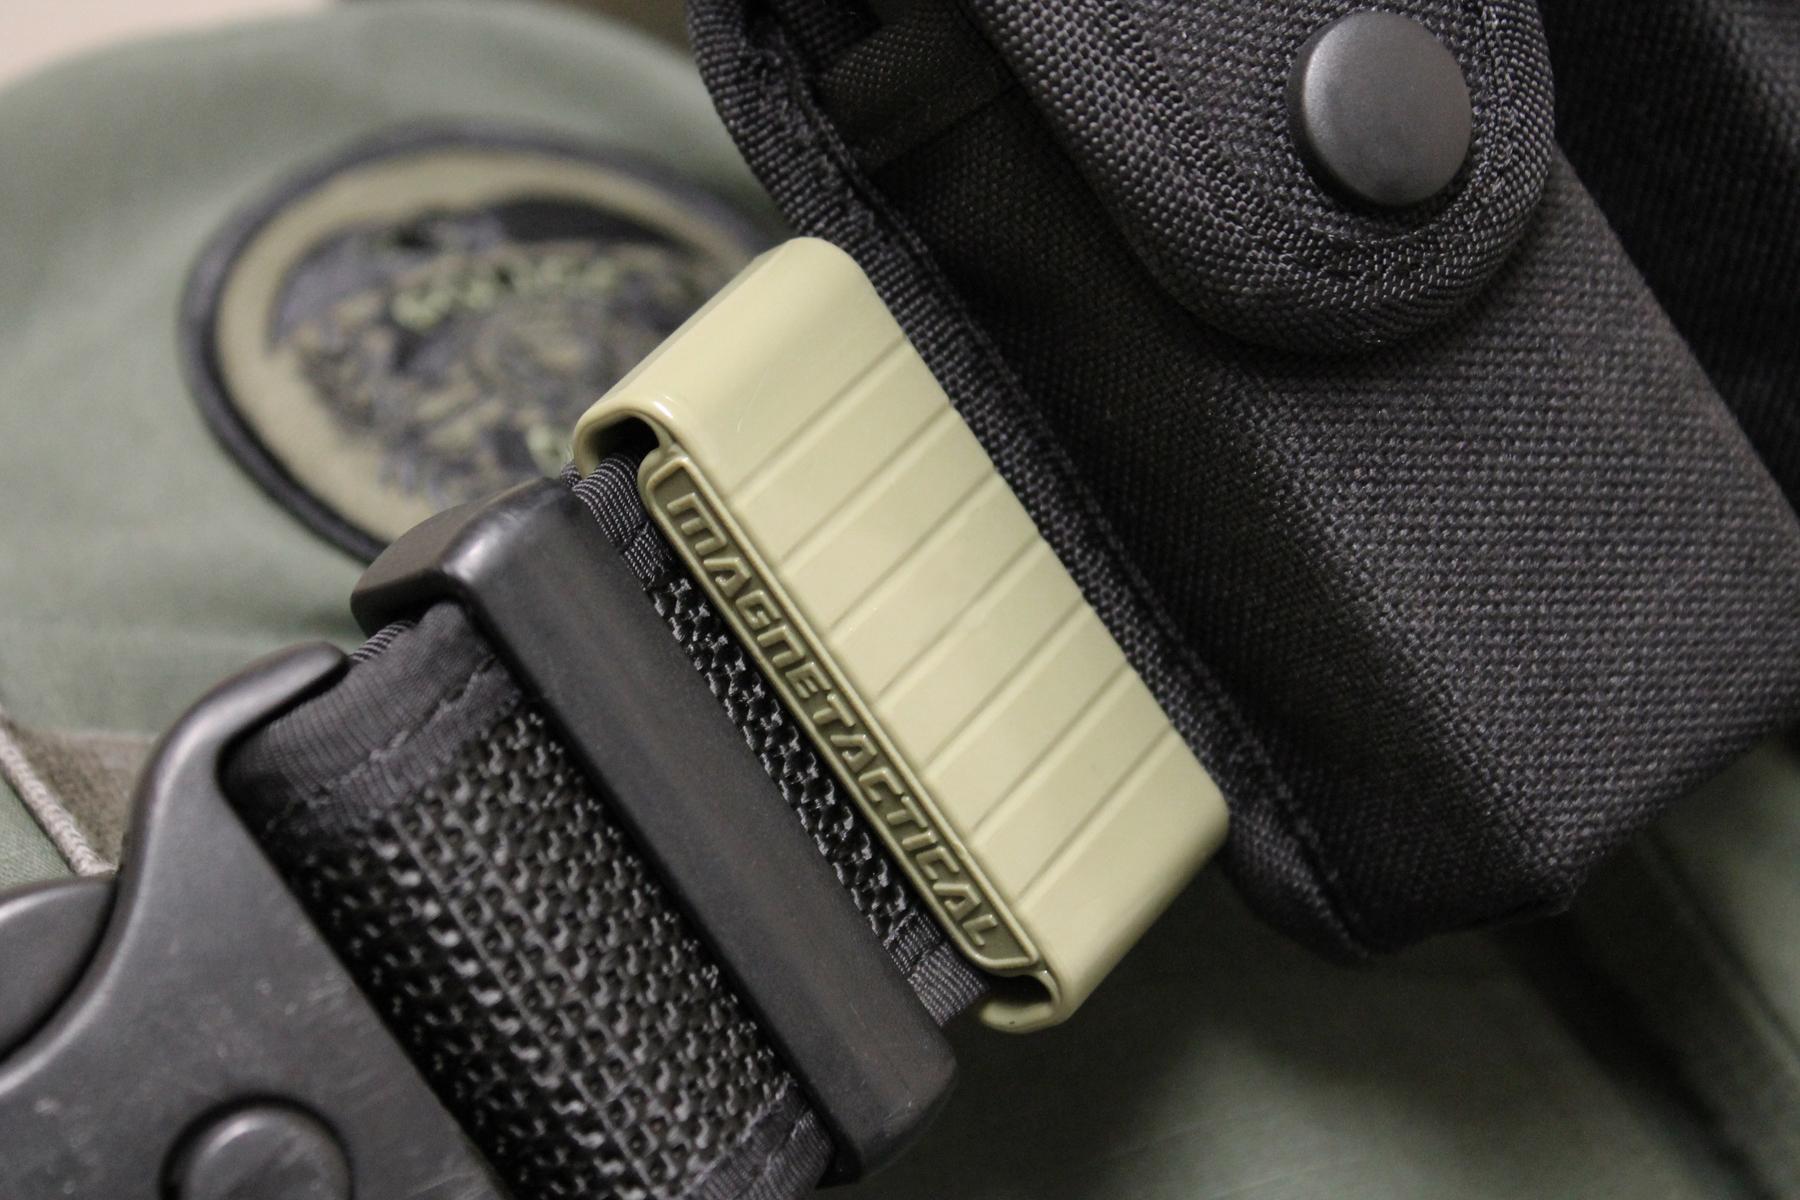 Magnetactical OD belt clip